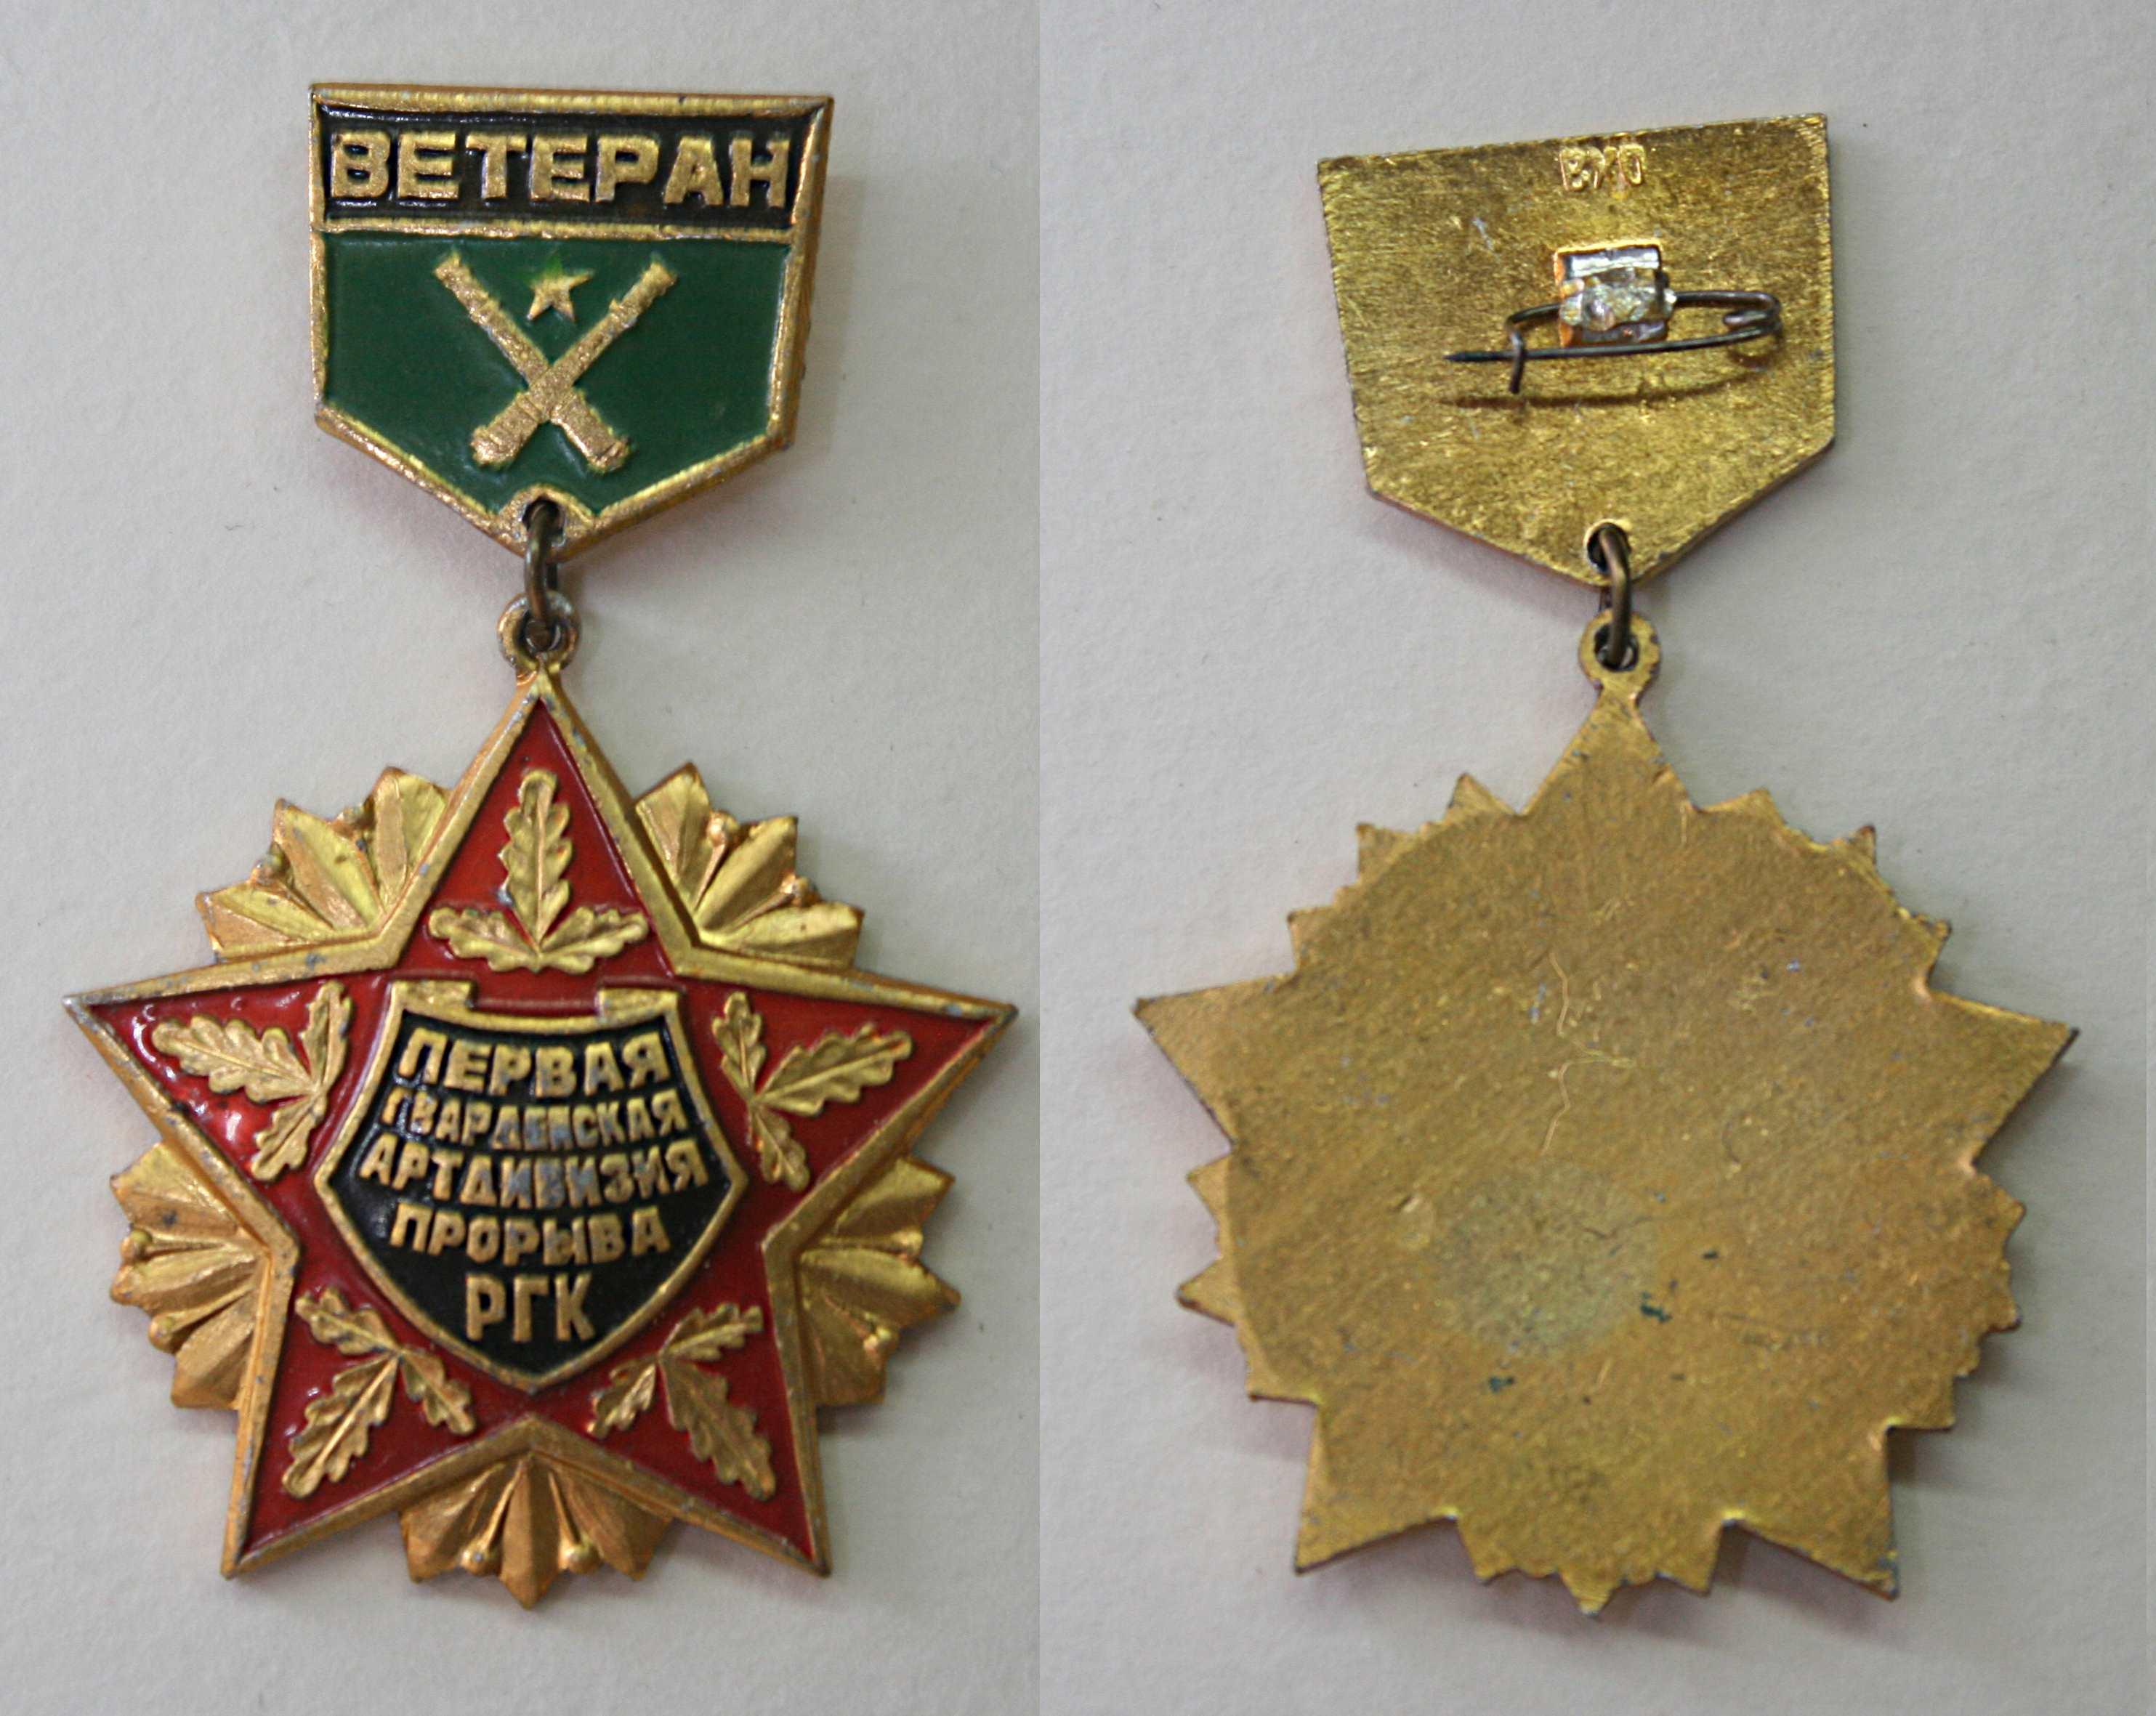 1° Divisione di Artiglieria Pesante della Guardia (1° parte)